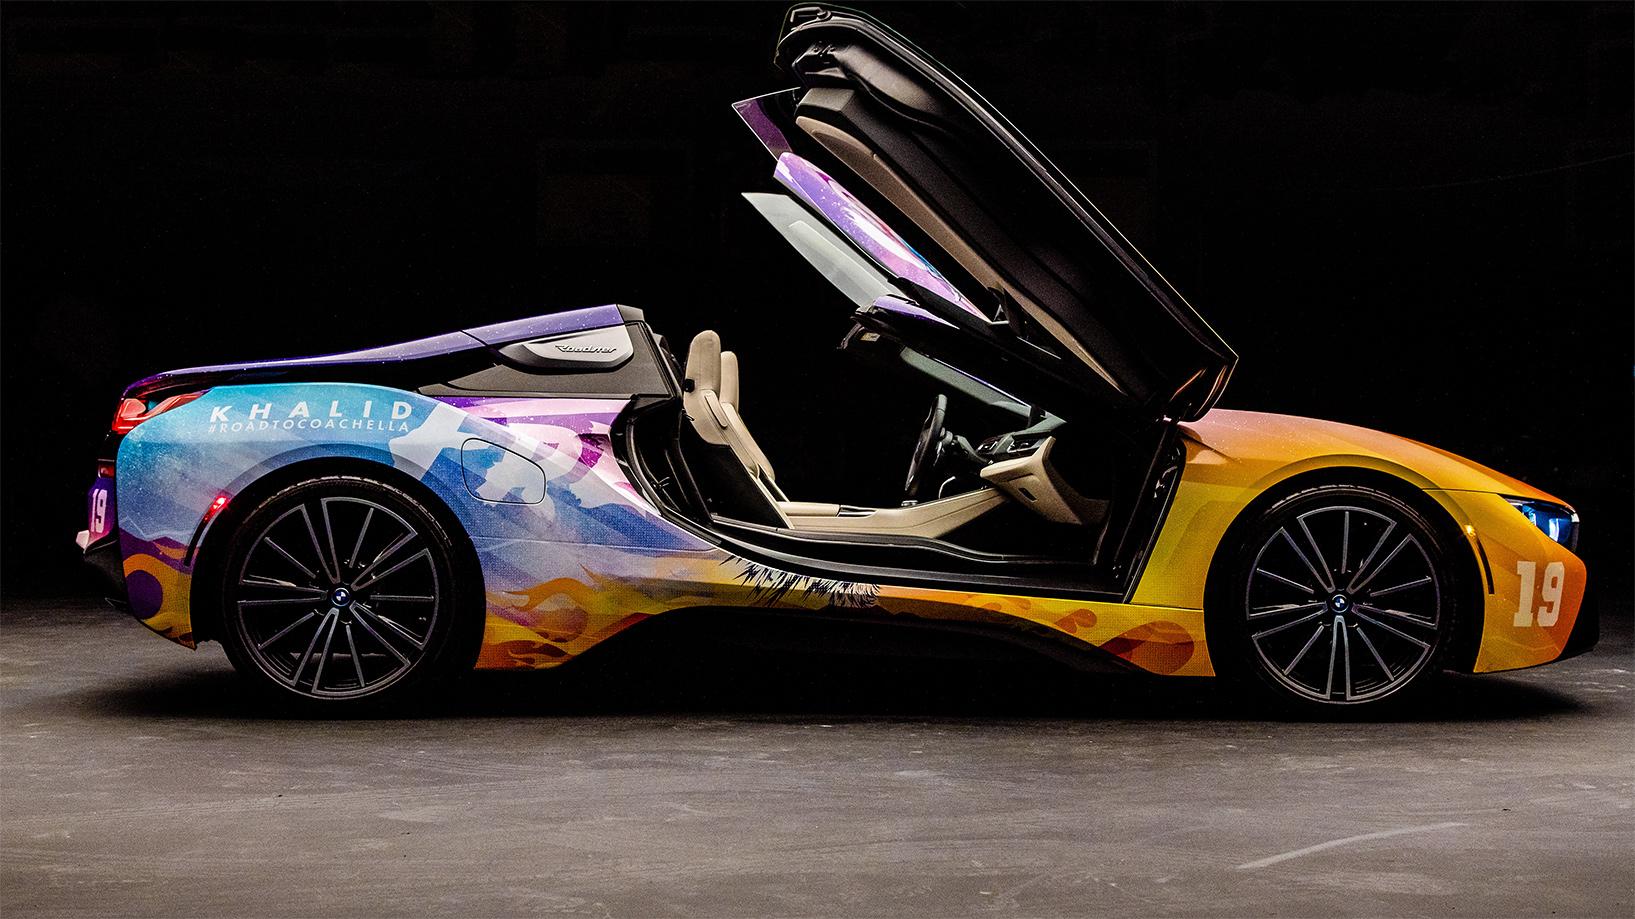 TrackWorthy - BMW i8 Coachella (10)